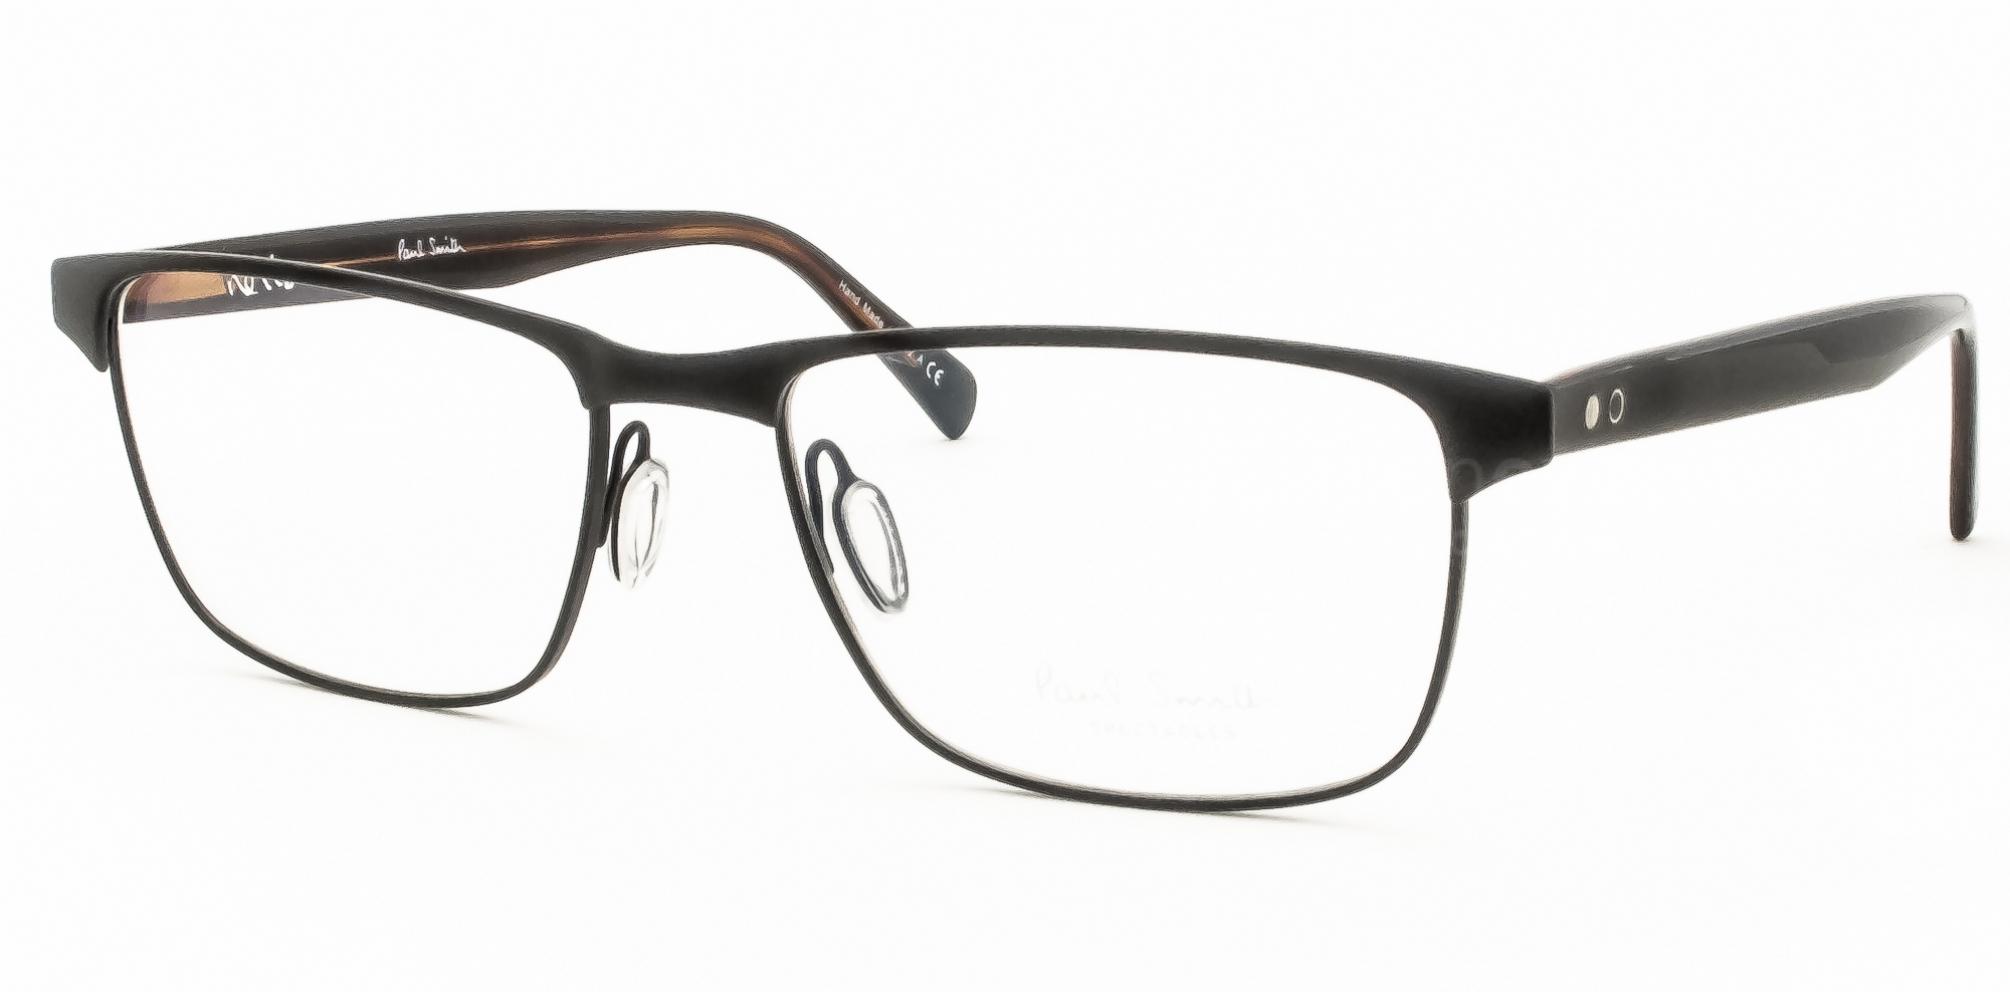 2e07afa374 Paul Smith Levene Eyeglasses